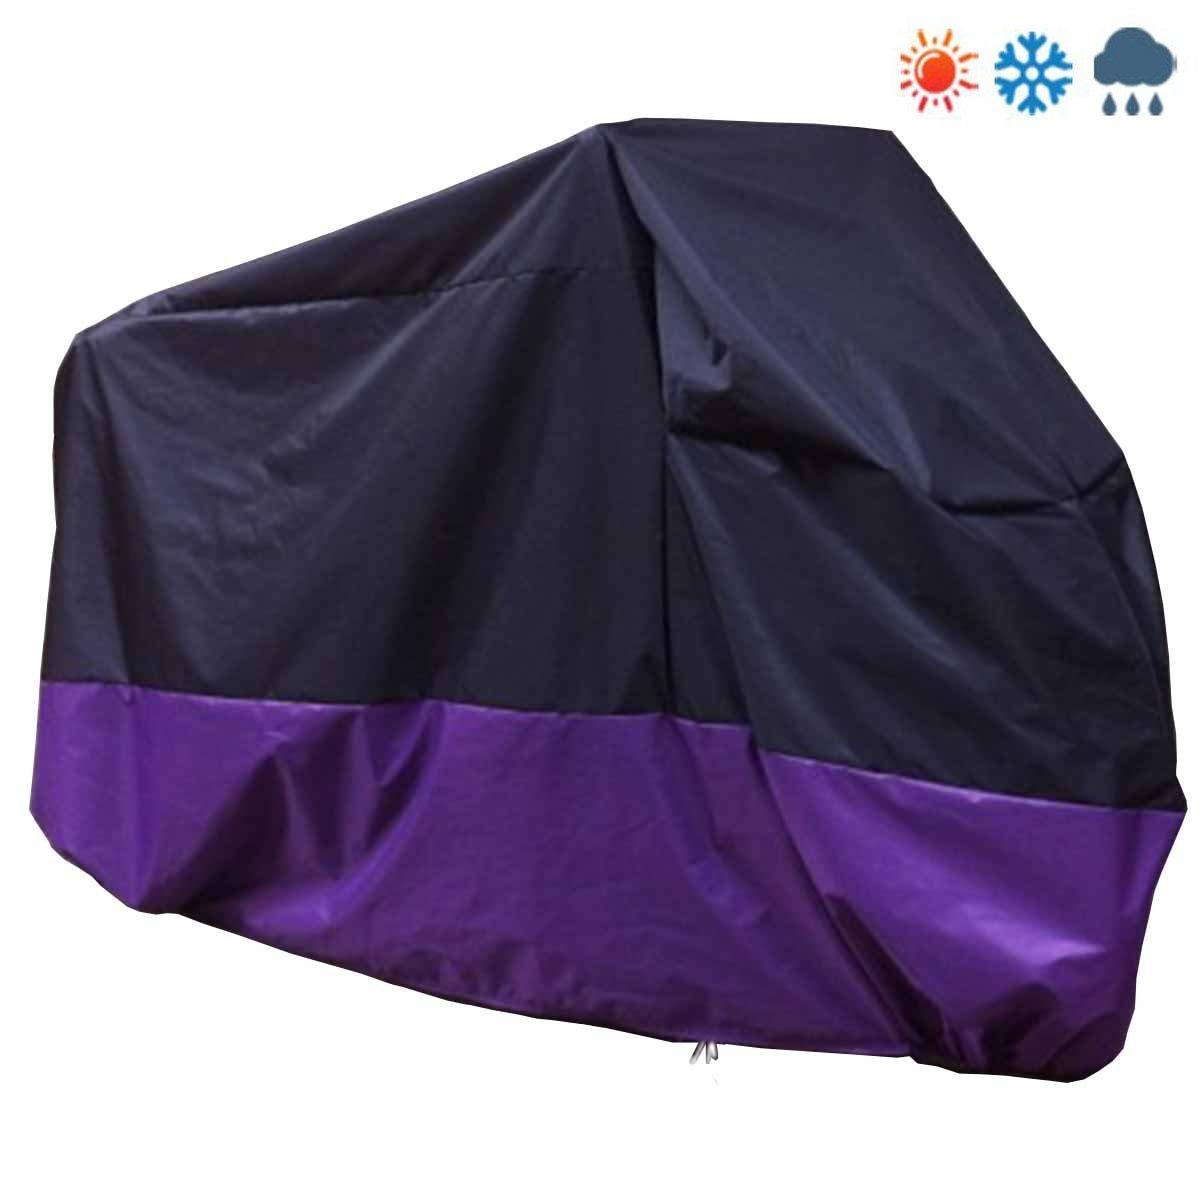 Motorrad Abdeckplane mit Tasche Staubdicht Wasserdicht Anti-UV Faltgarage Outdoor Indoor Schutzh/ülle XXL 180T Motorradabdeckung